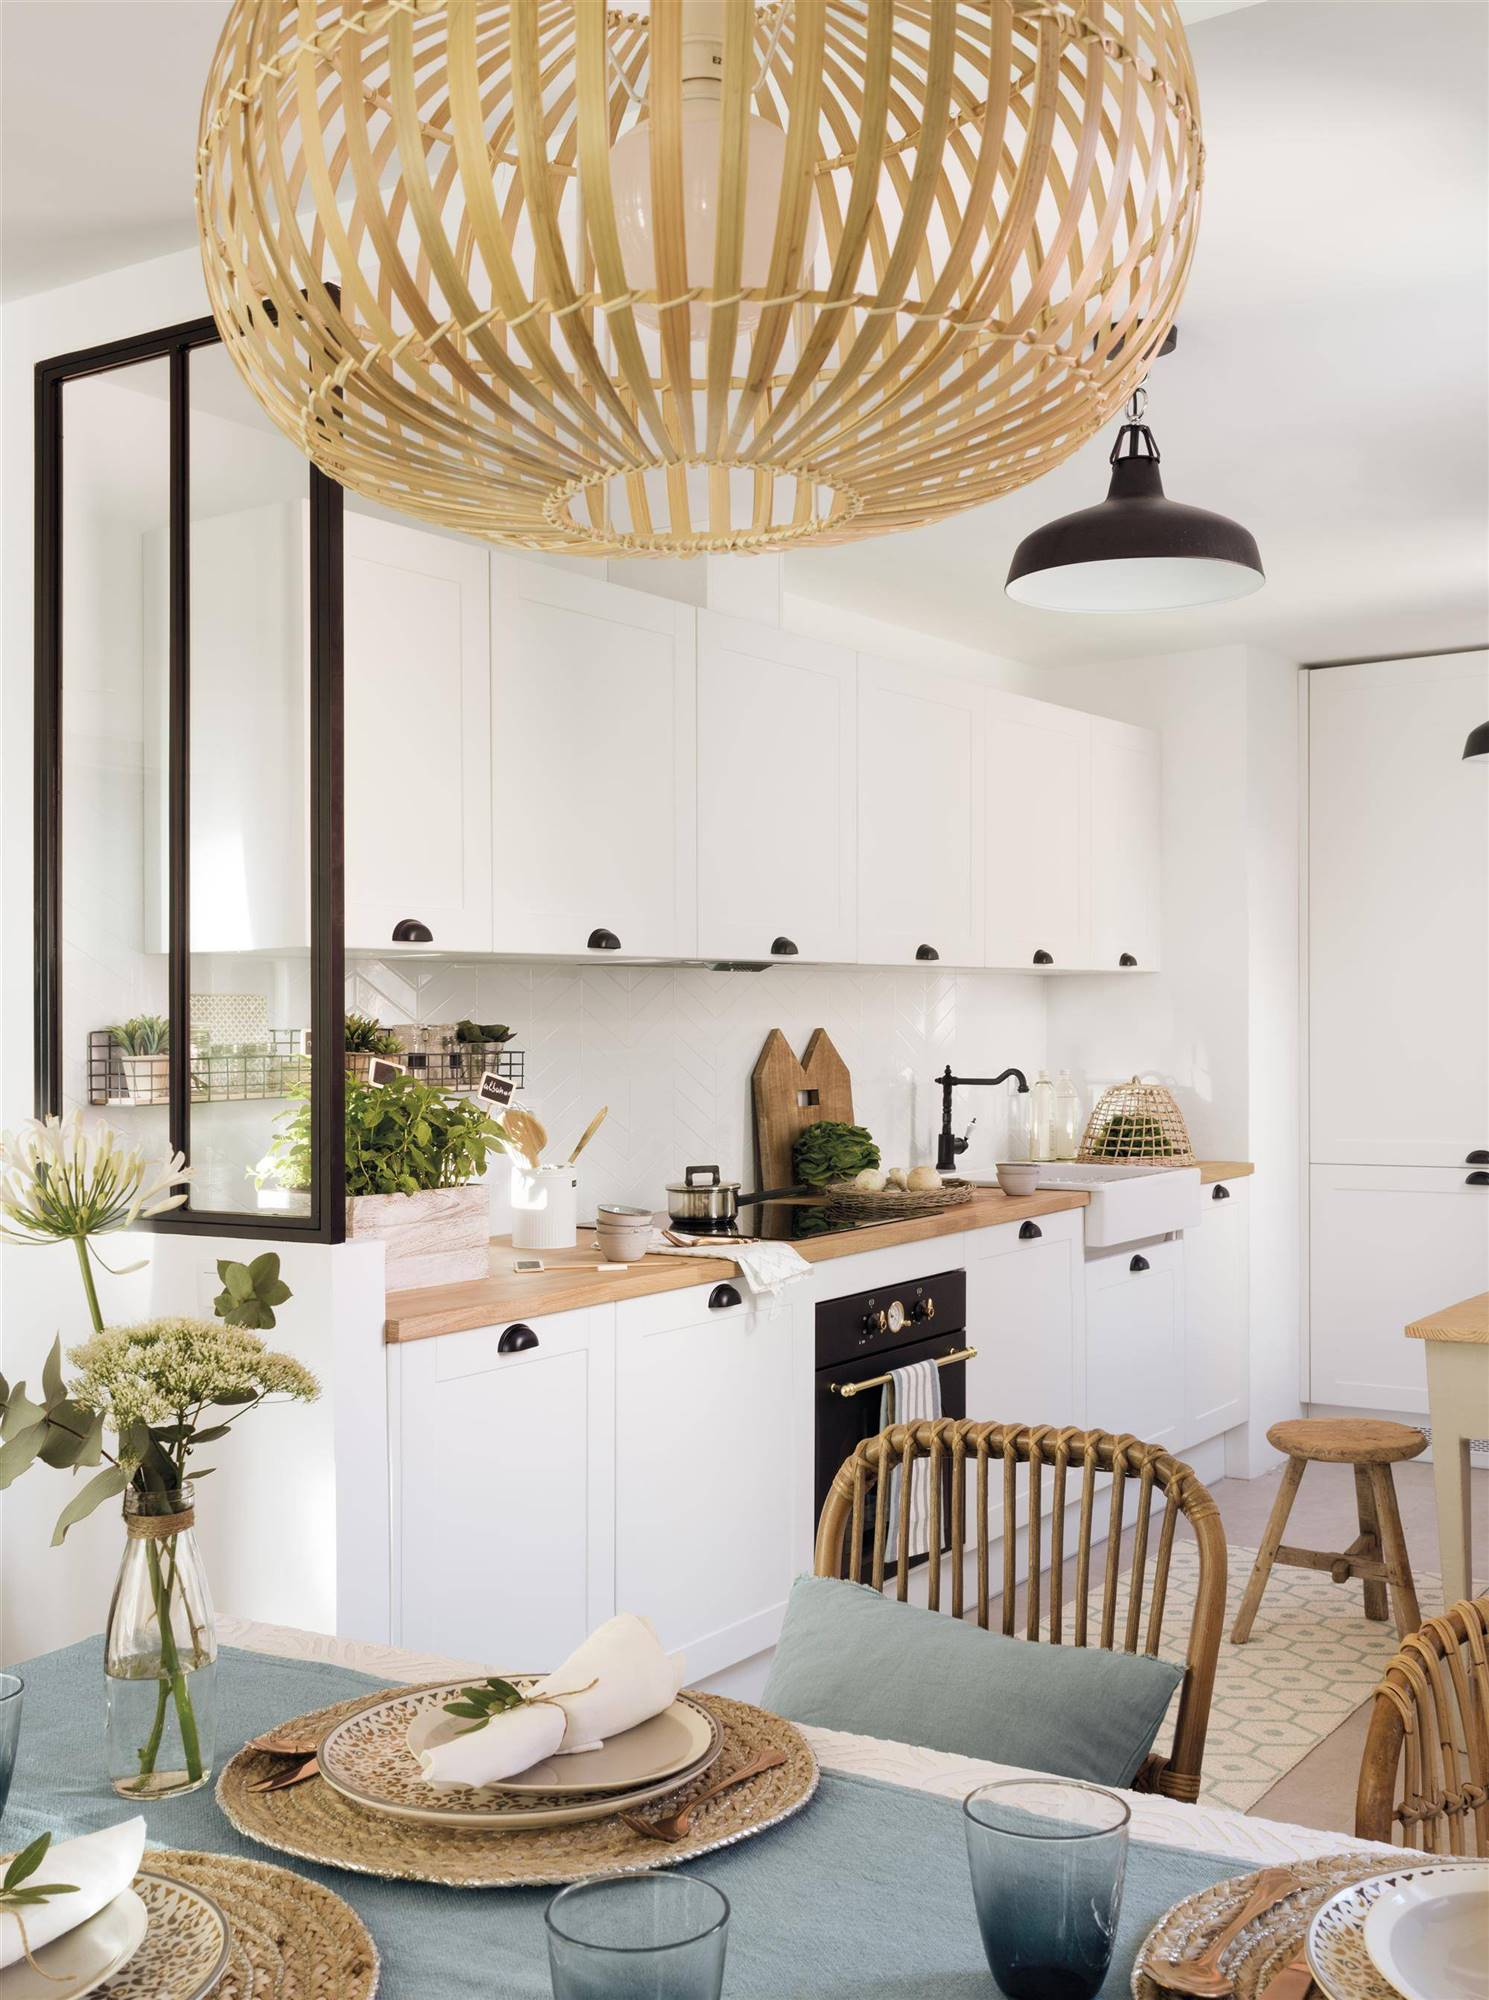 1131 Fotos de Muebles de cocina